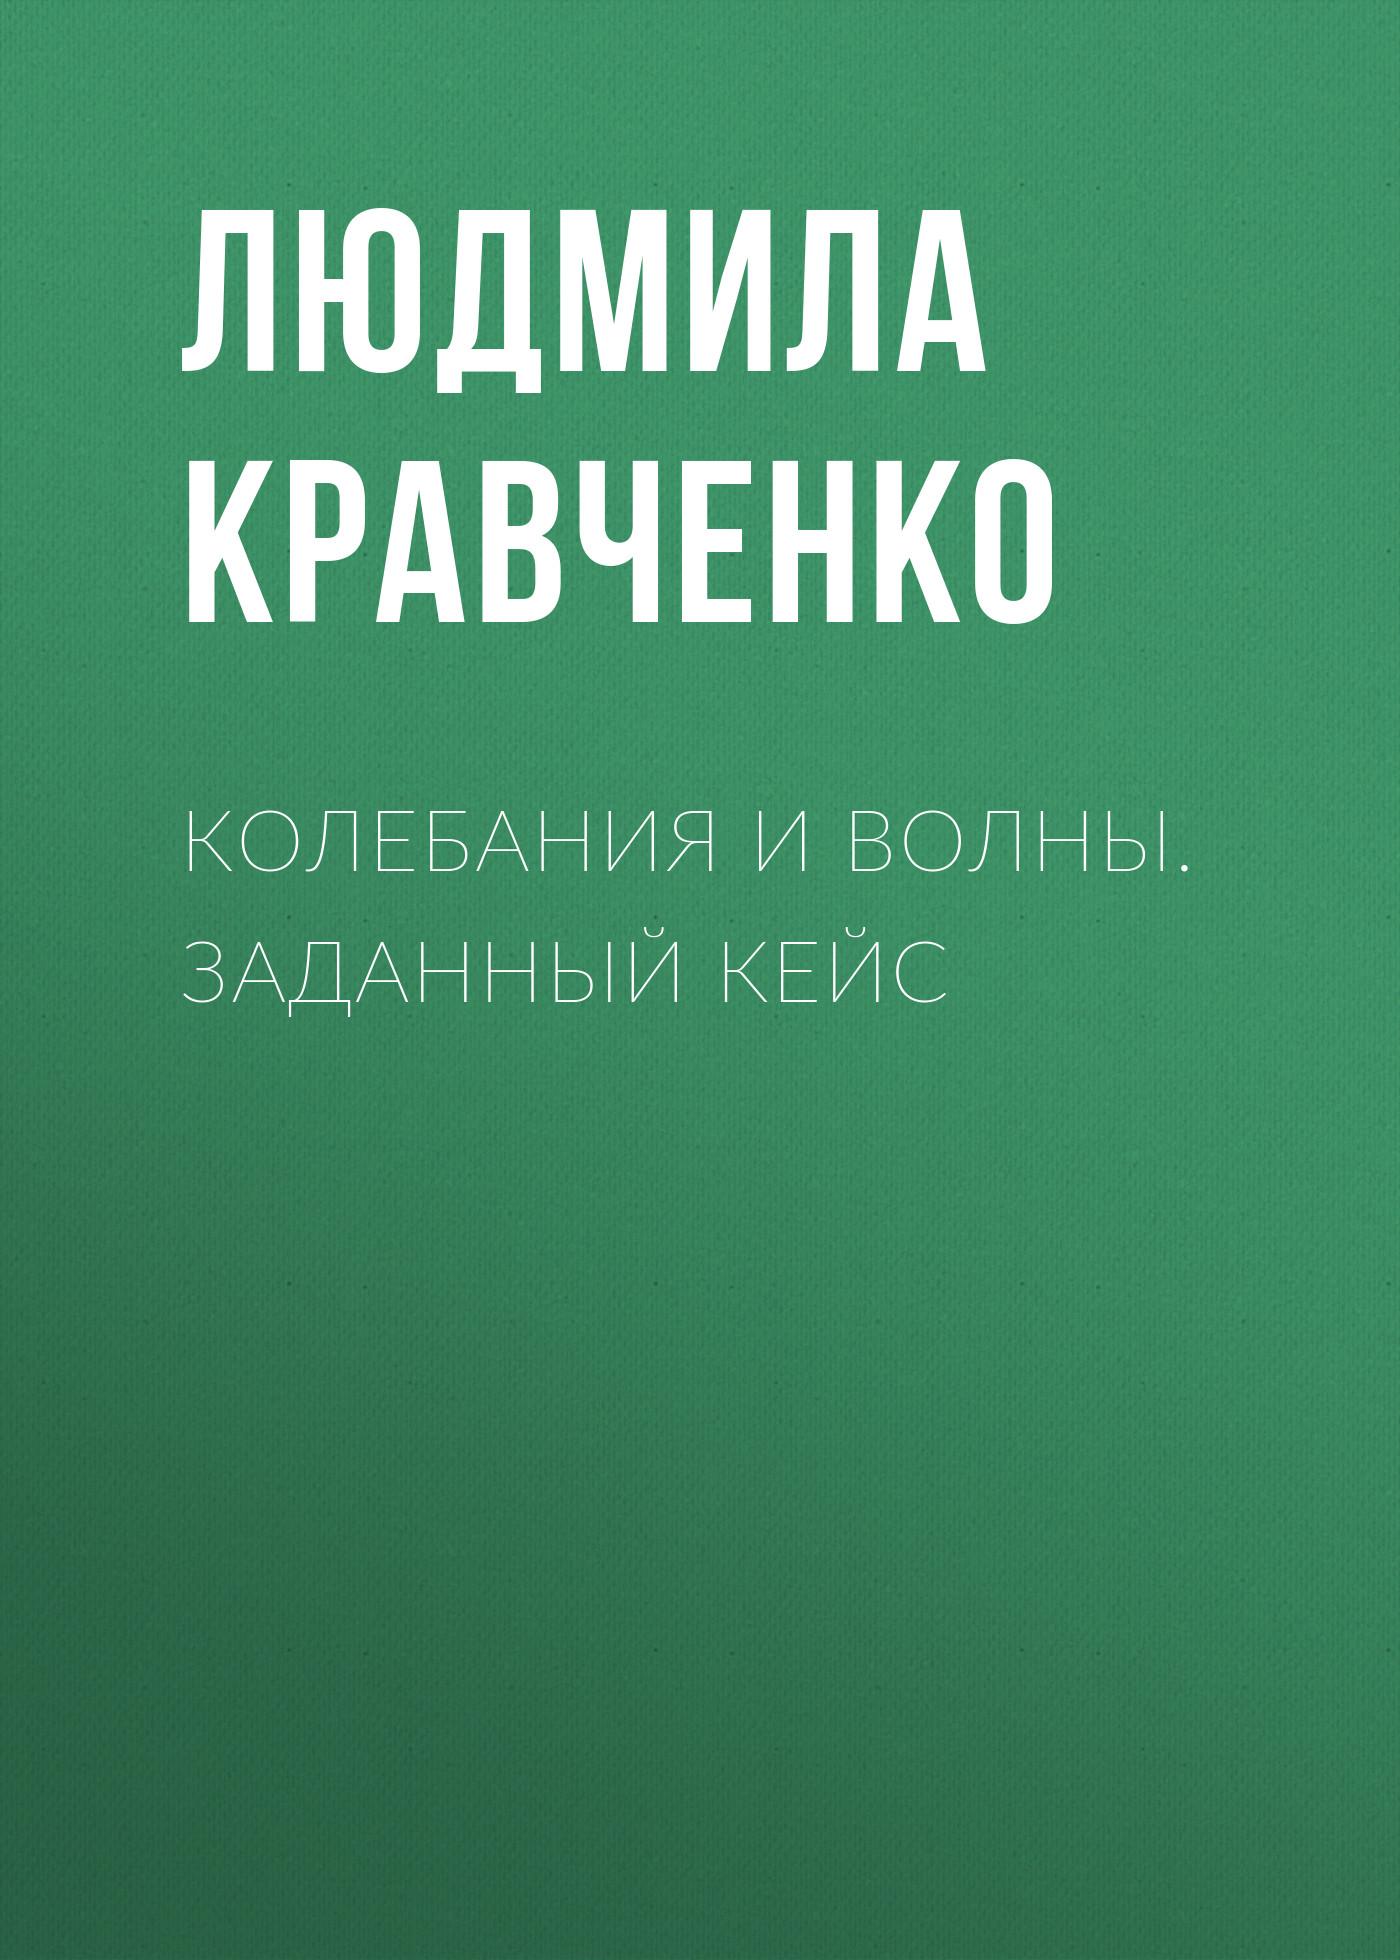 Людмила Кравченко Колебания и волны. Заданный кейс flip out lcd display pocket digital scale 500g max 0 1g step